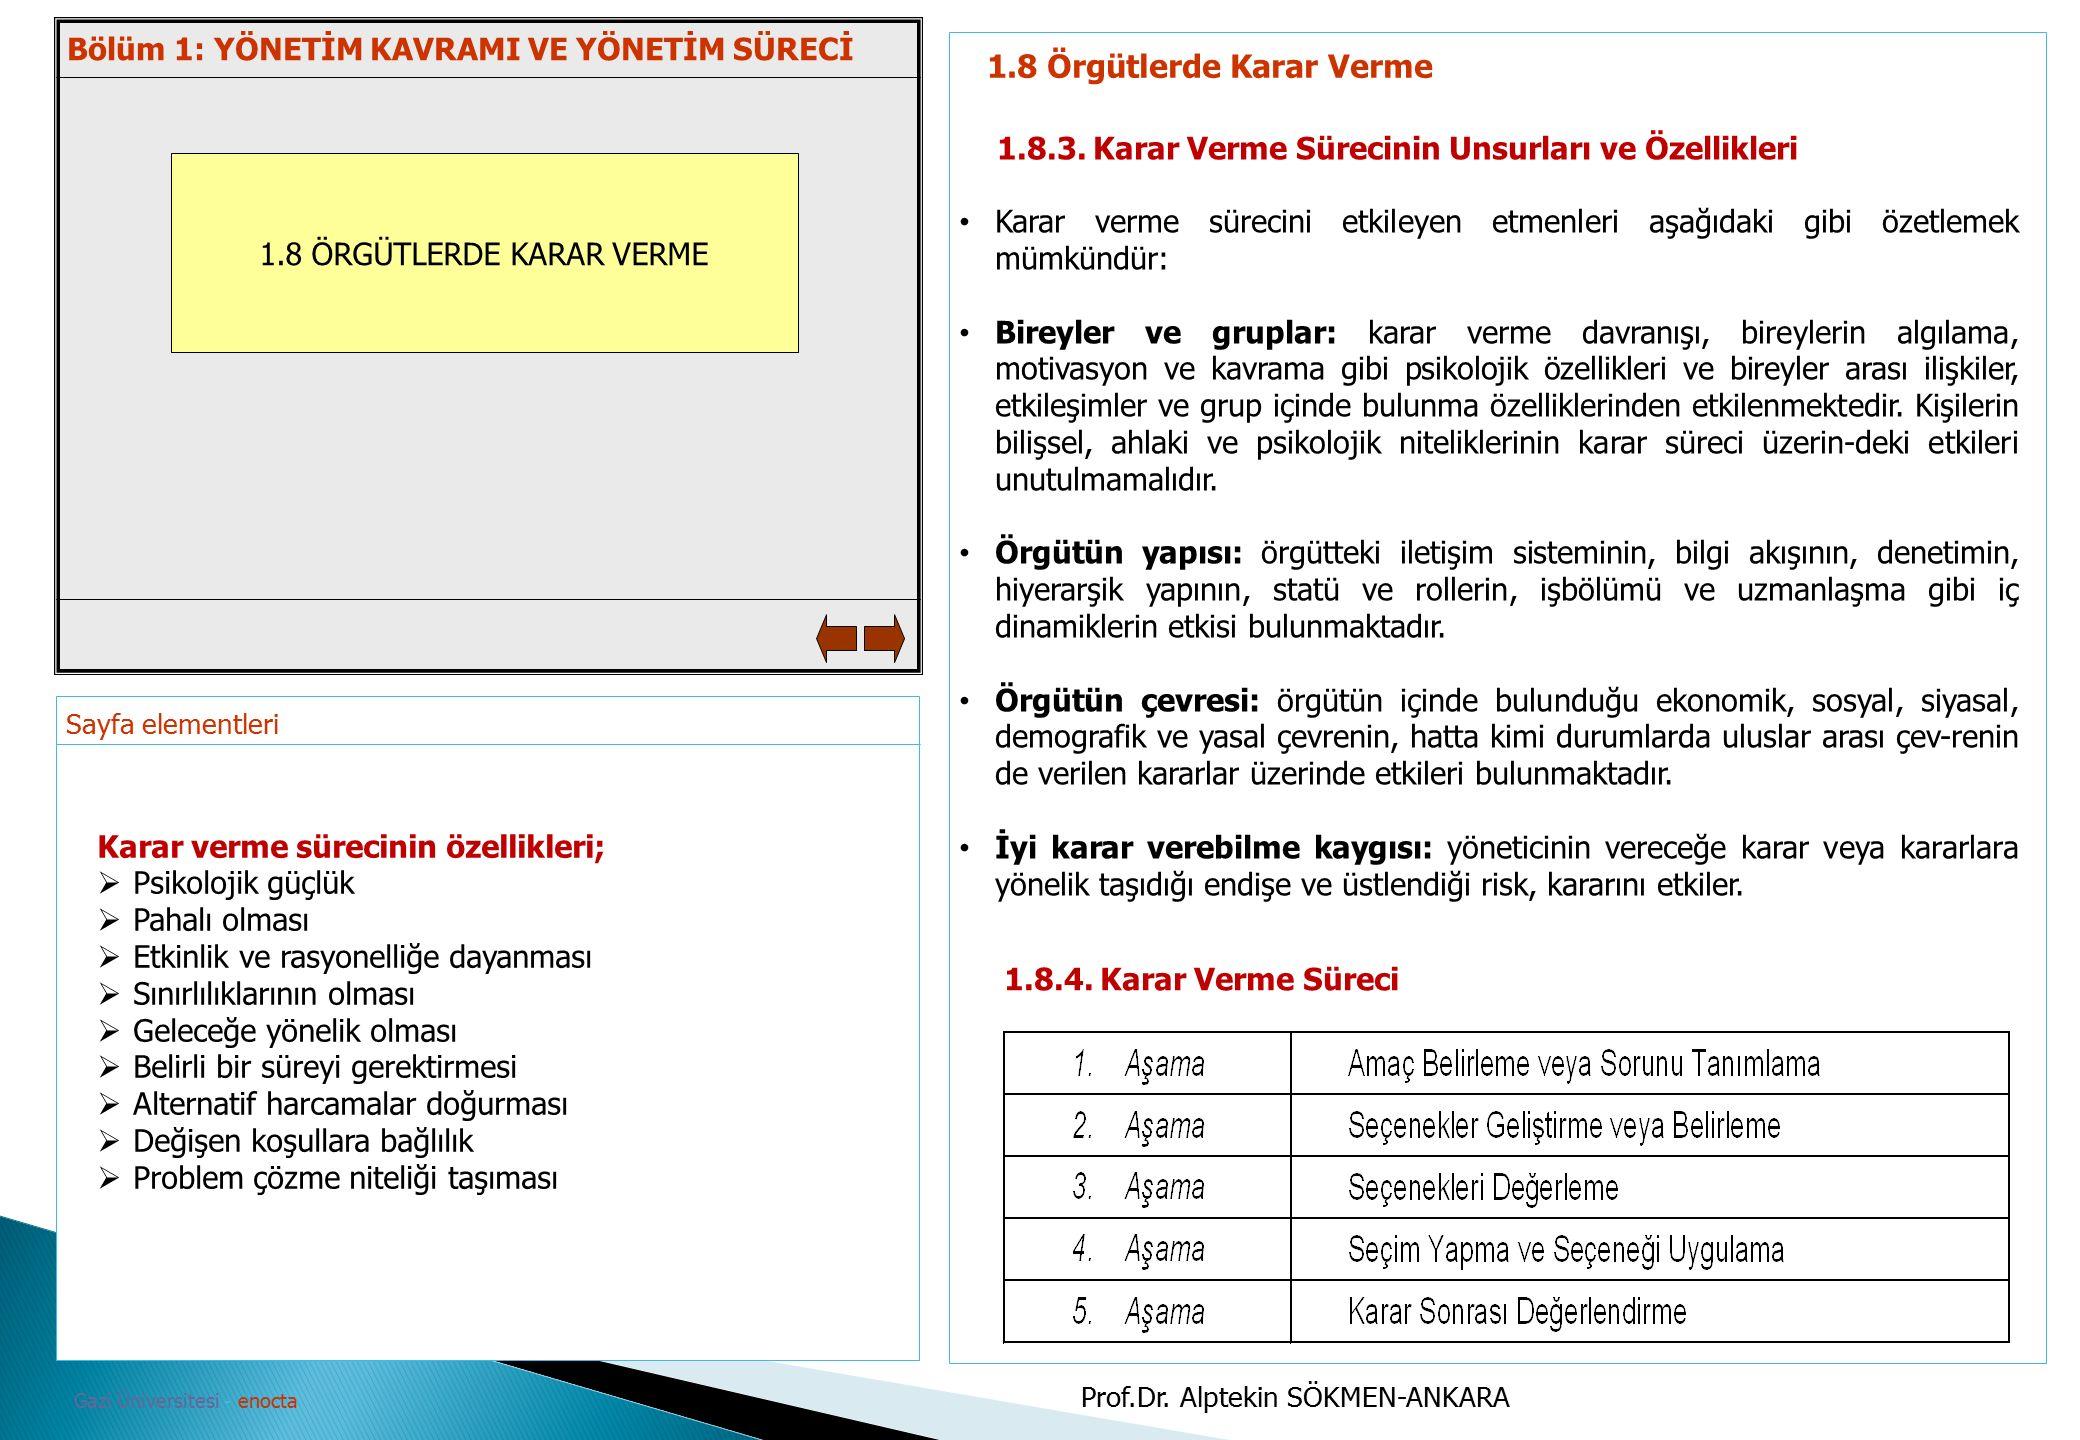 Sayfa elementleri Gazi Üniversitesi - enocta 1.8 ÖRGÜTLERDE KARAR VERME 1.8 Örgütlerde Karar Verme 1.8.5.